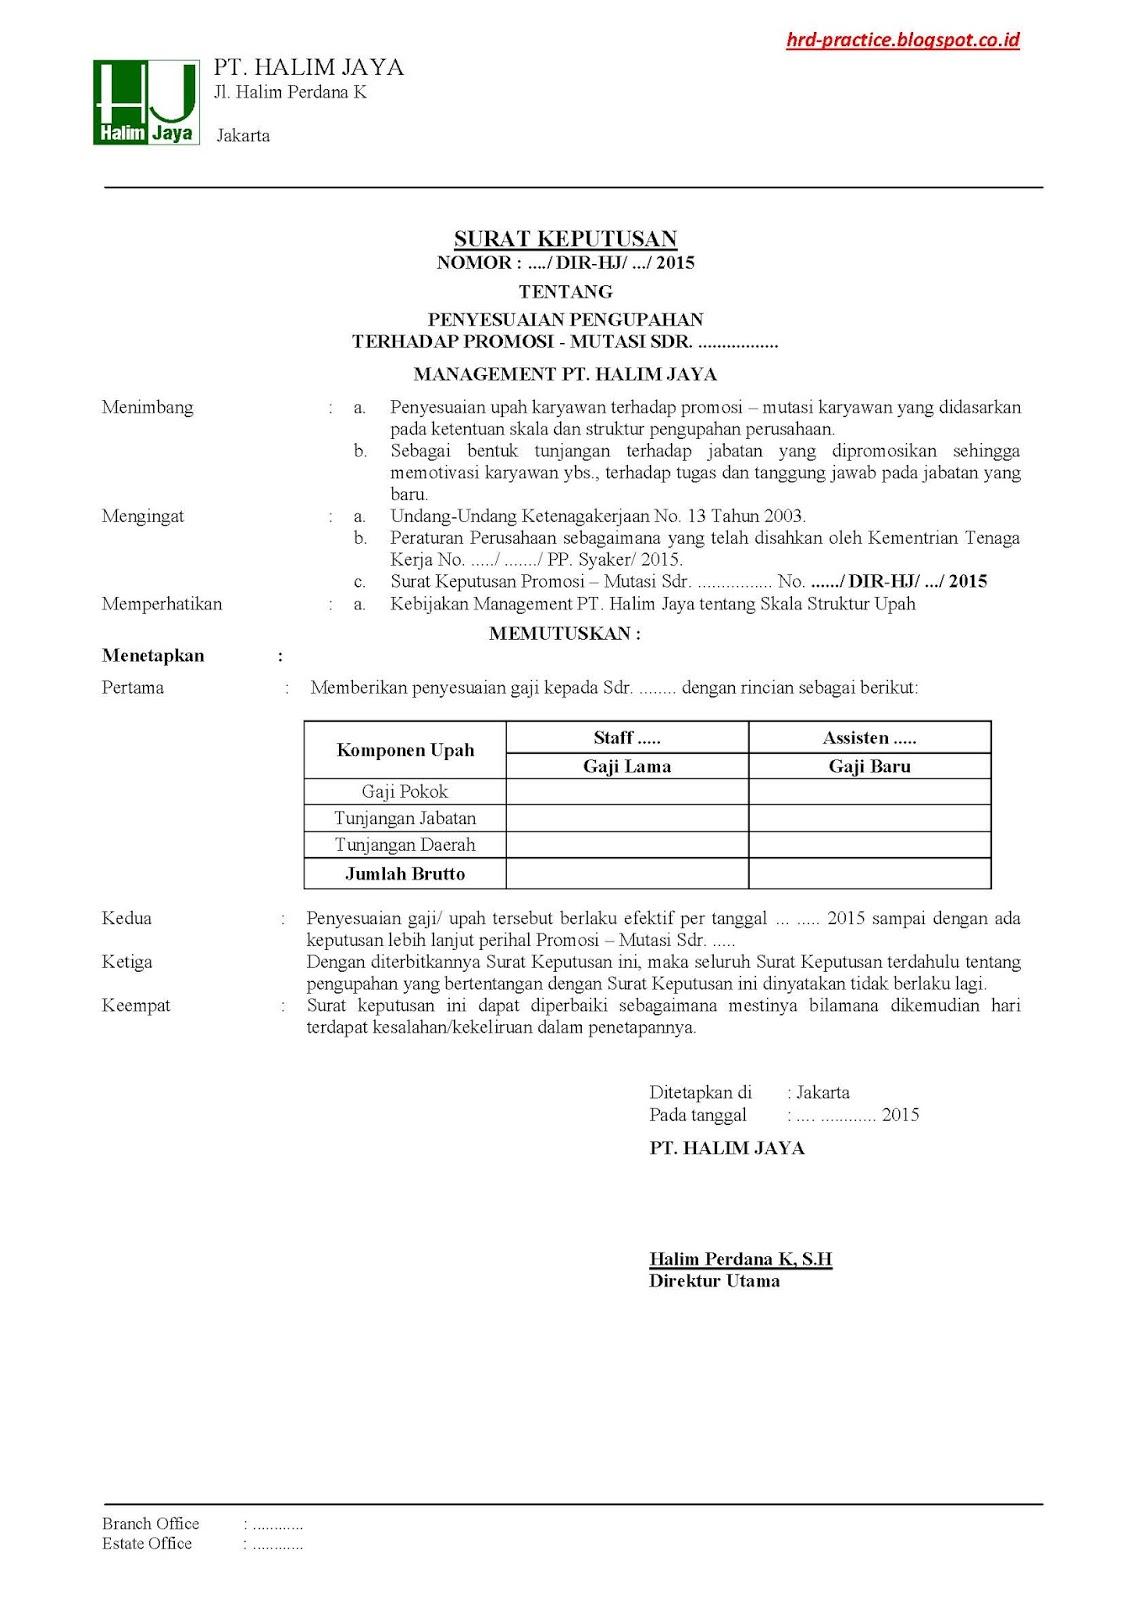 surat keputusan direksi tentang penyesuaian upah promosi mutasi contoh 1 hrd practice